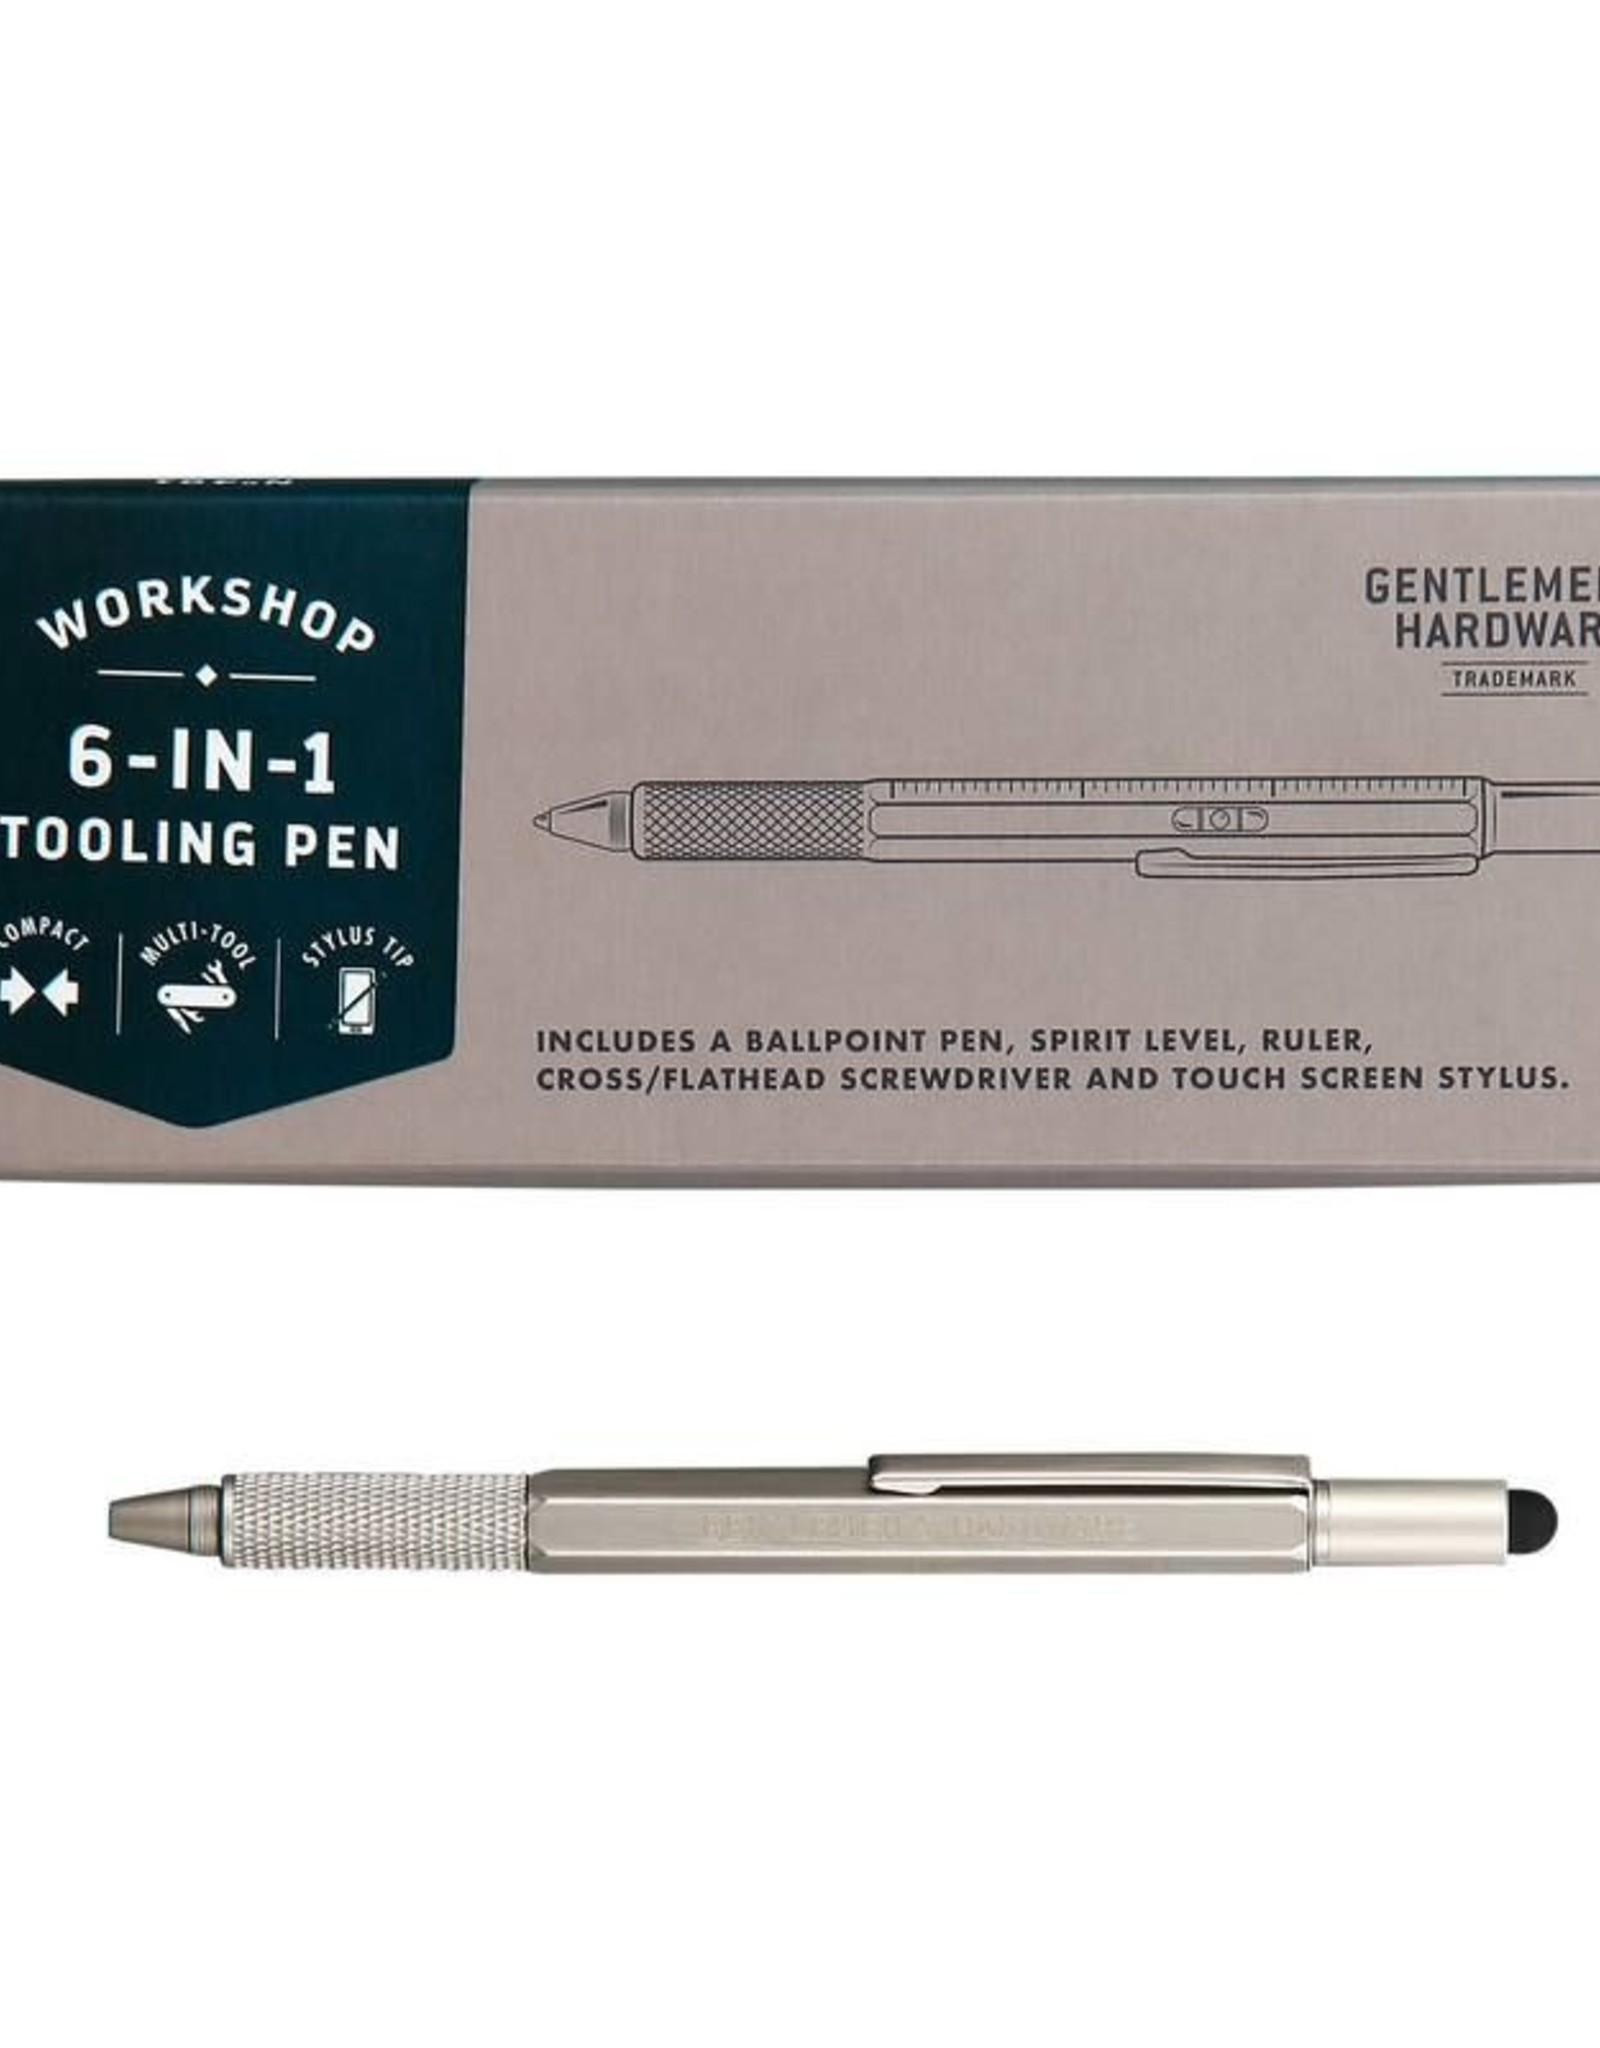 Gentlemen's Hardware Cortina-6 in 1 Tooling Pen